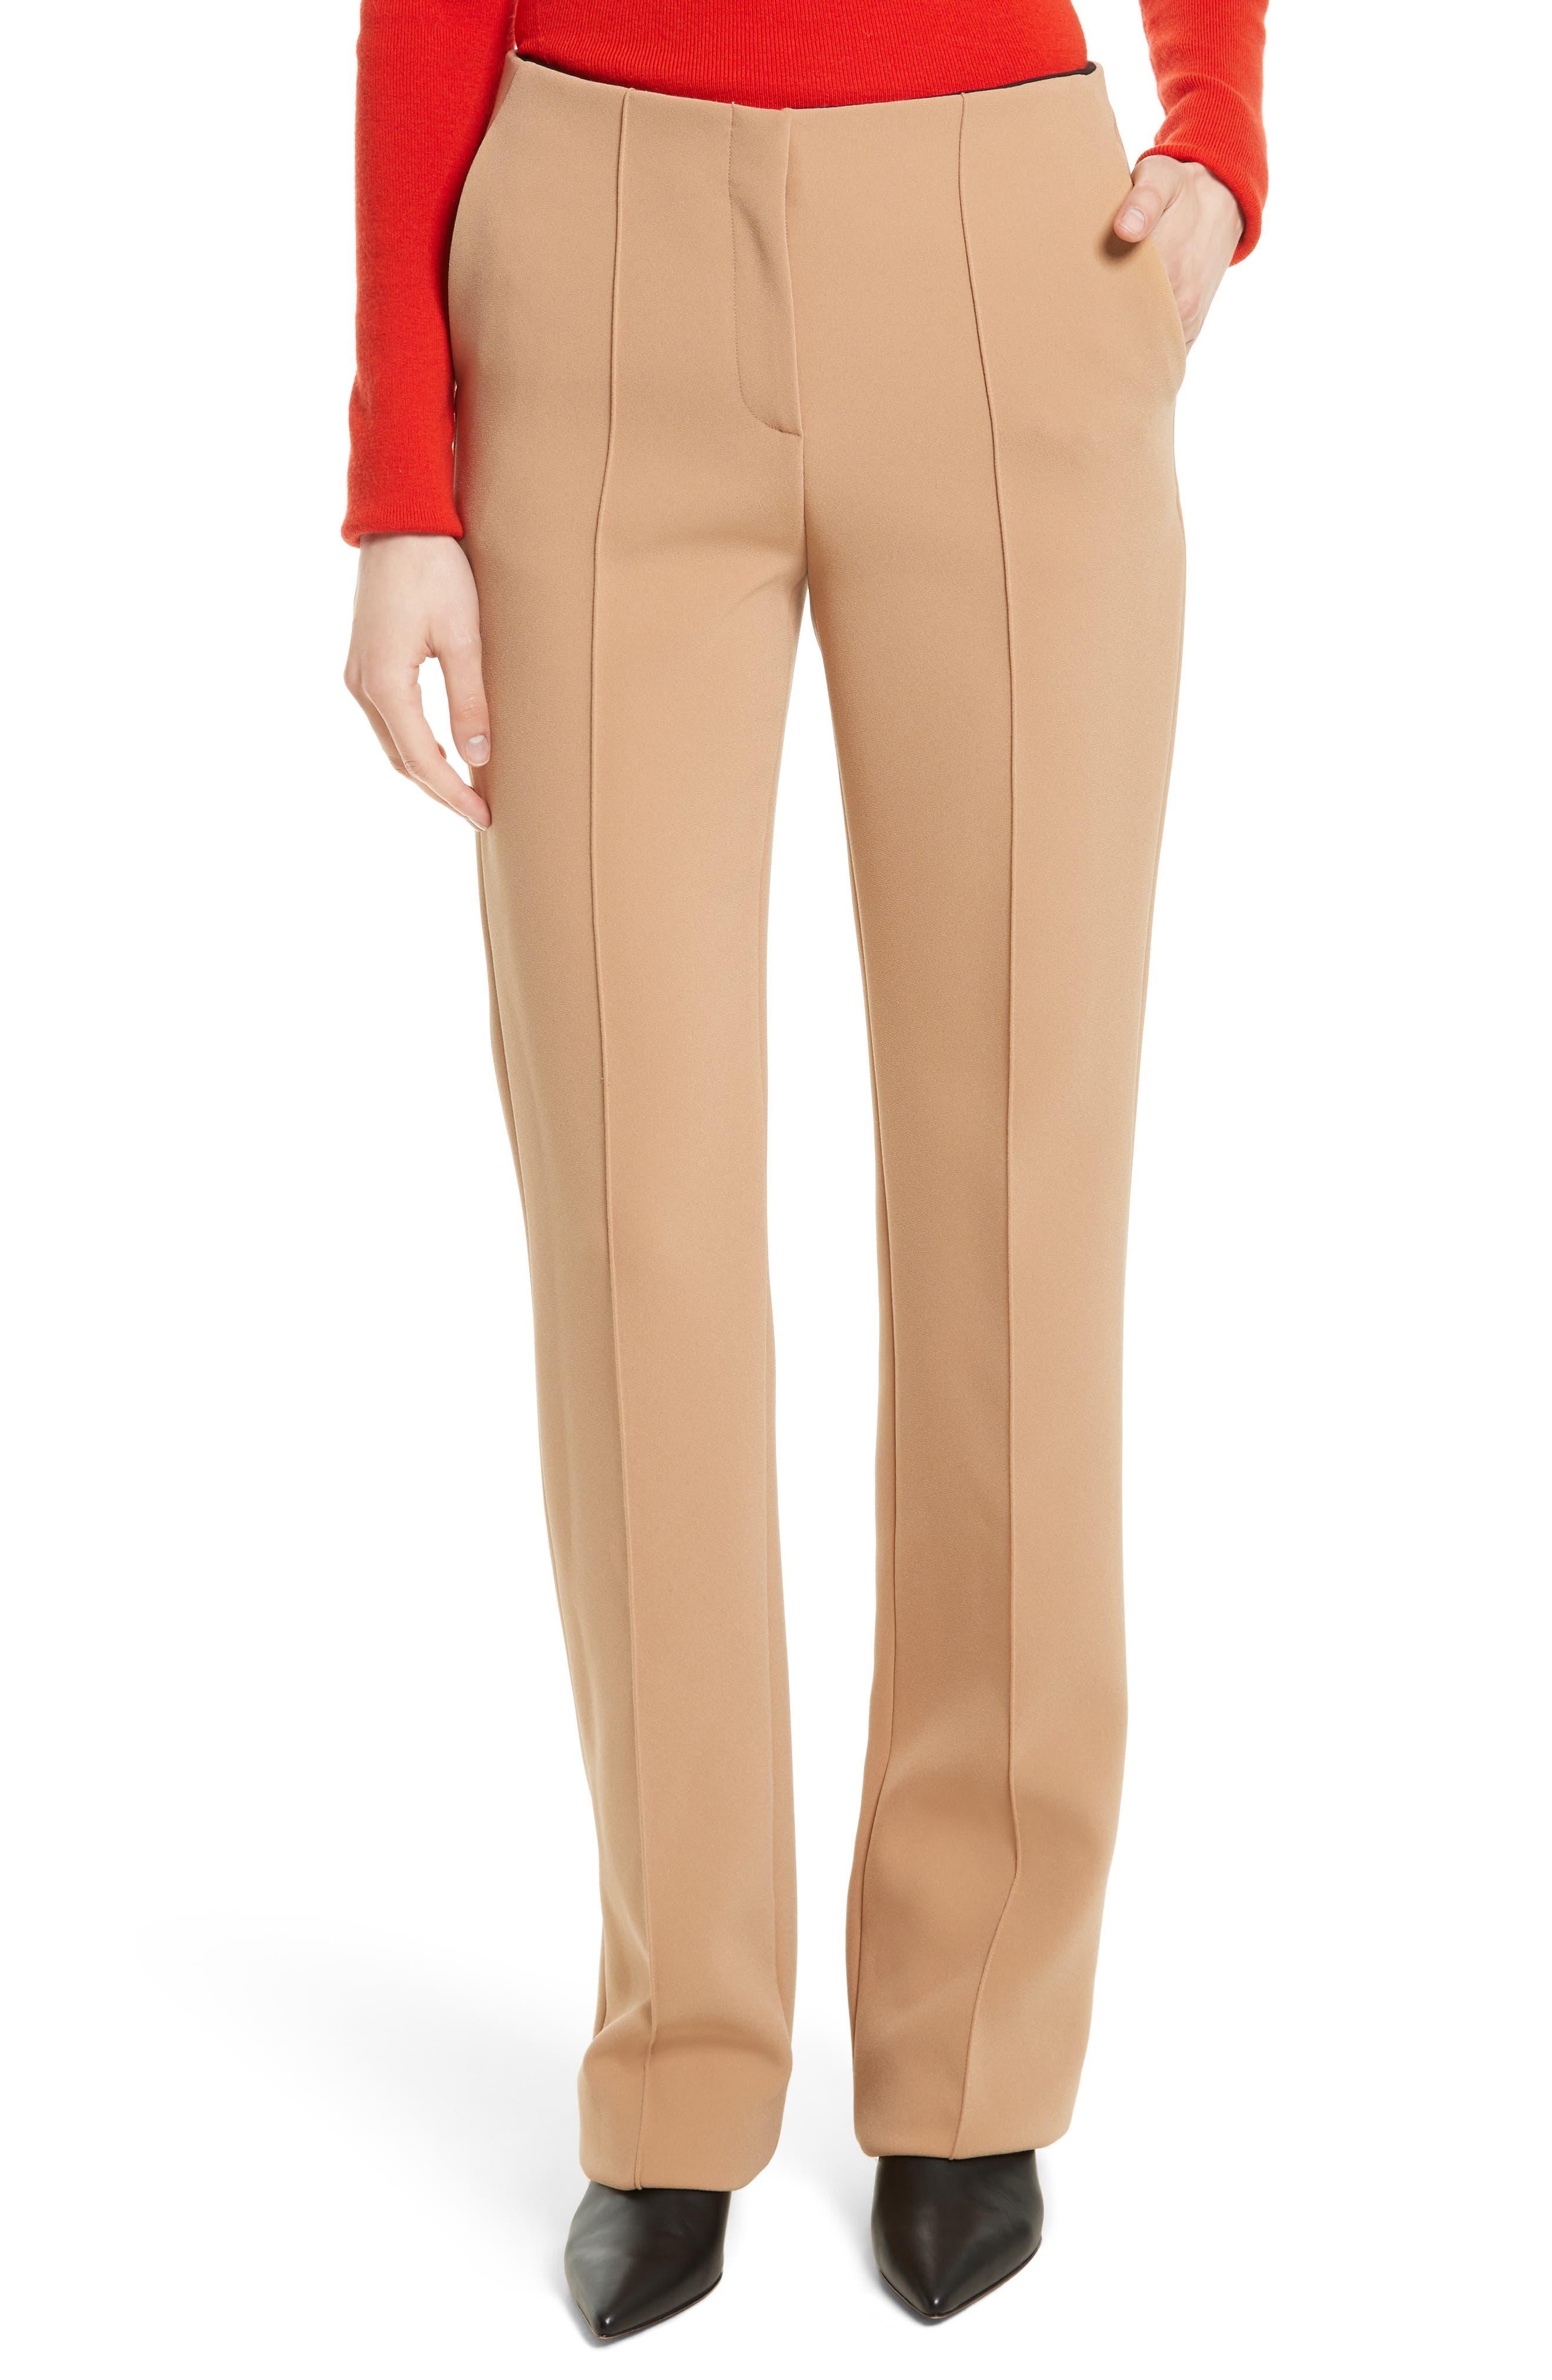 Diane von Furstenberg Pintuck Pleated Pants